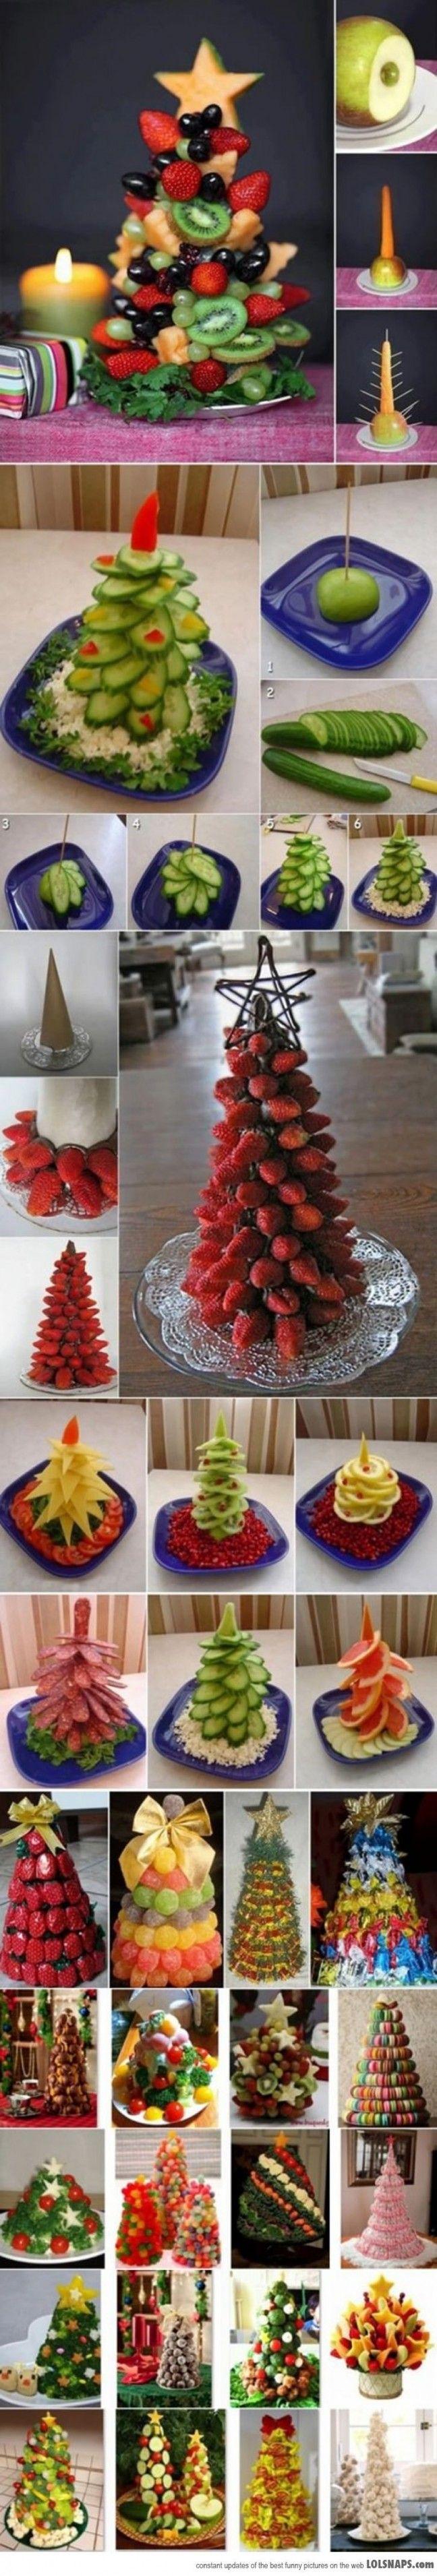 Centros de mesa para navidad con frutas